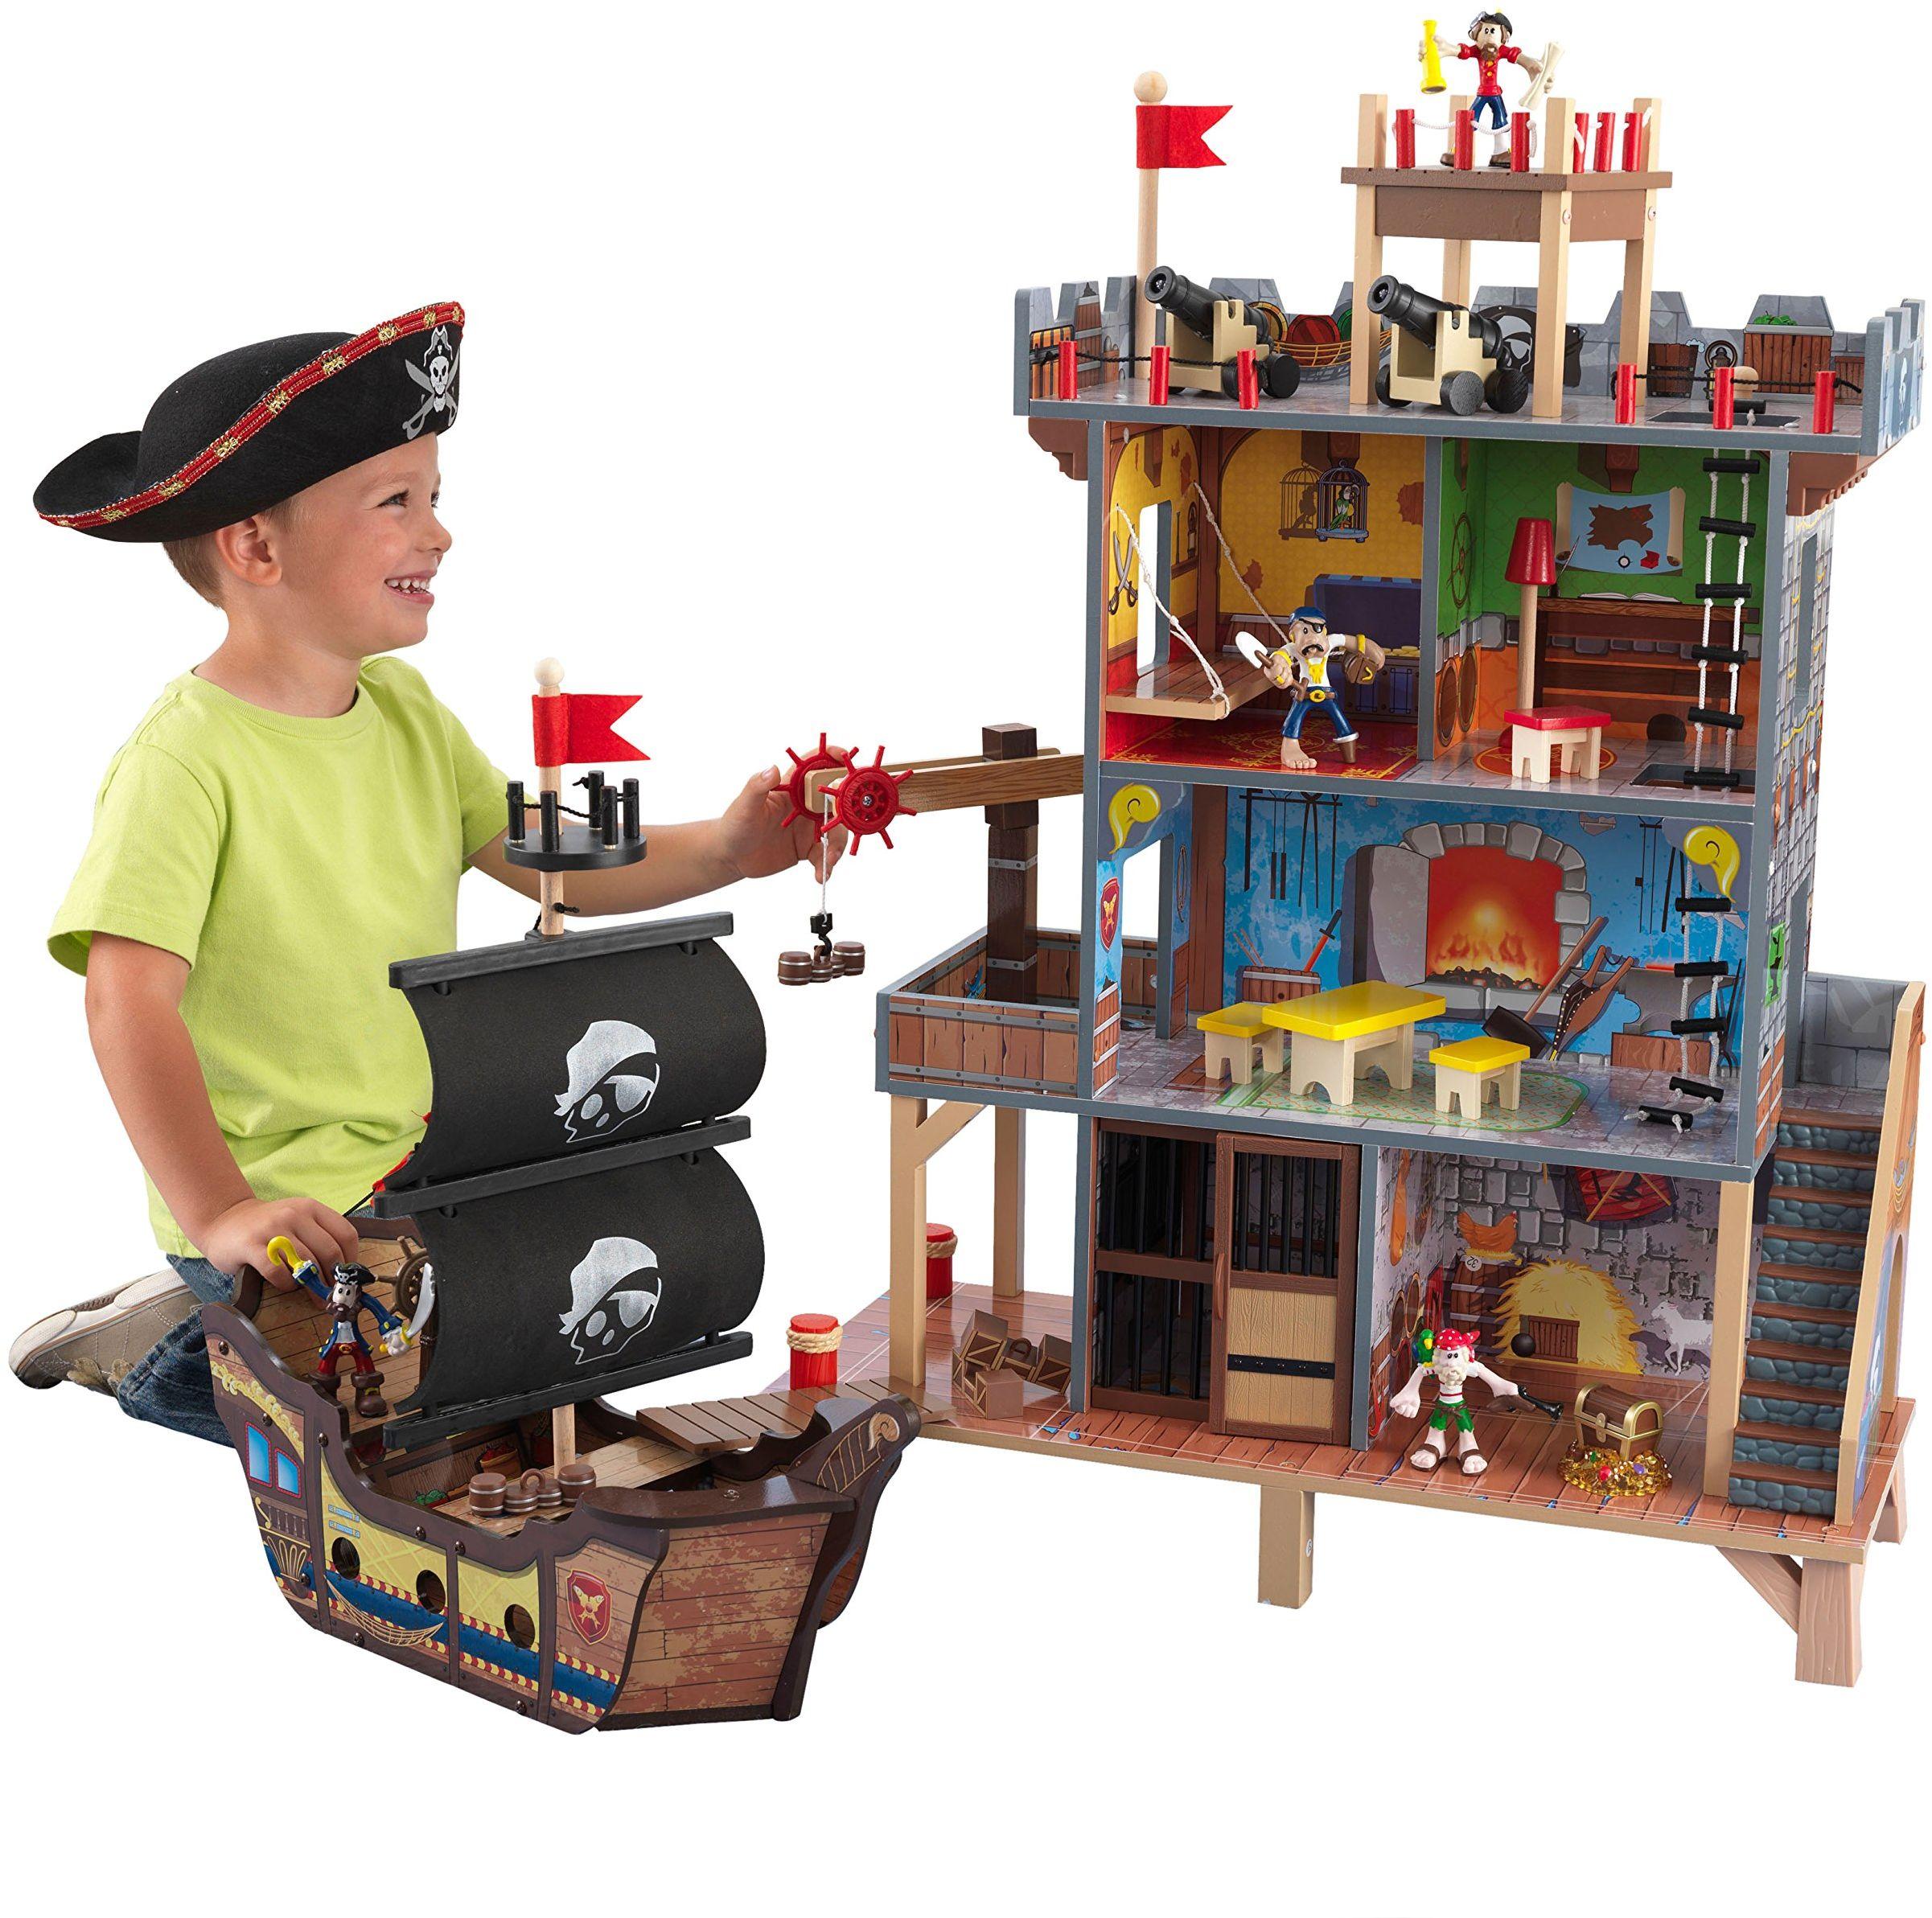 KidKraft 63284 drewniany zestaw do zabawy dla dzieci ze statkiem pirackim i figurkami w zestawie